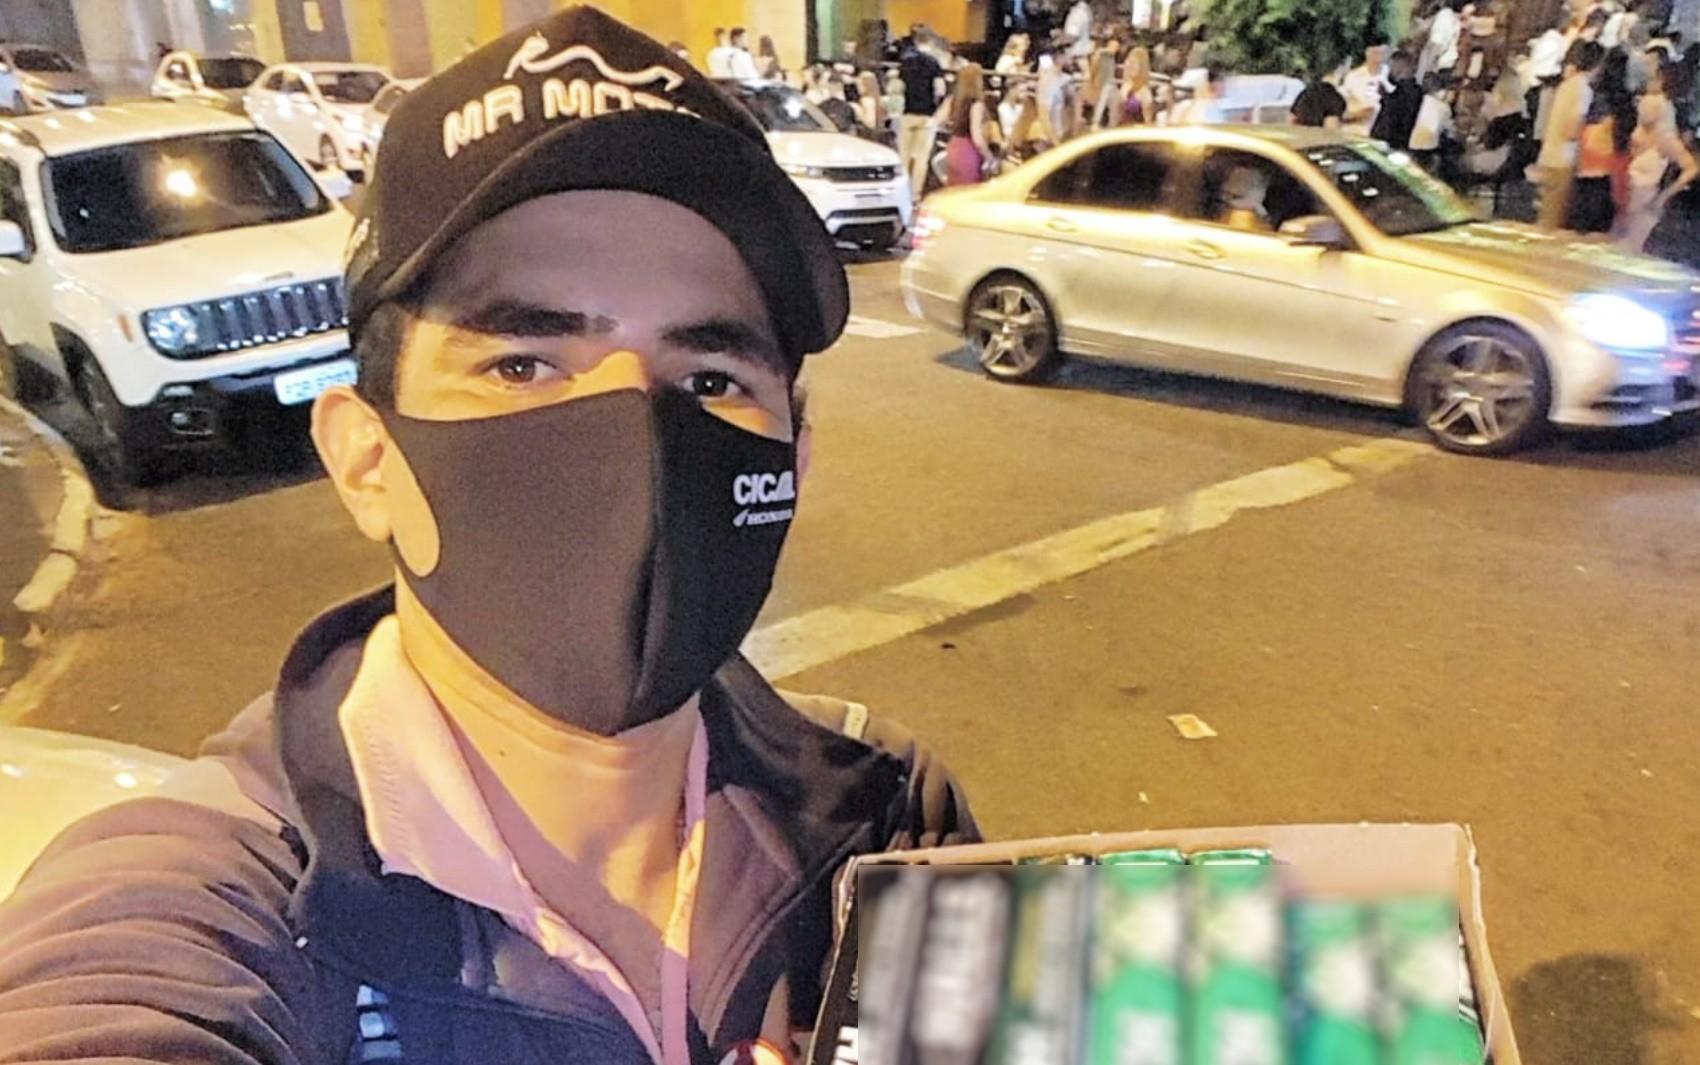 Homem suspeito de agredir ambulante em Goiânia diz que estava bêbado e não se lembra do que fez